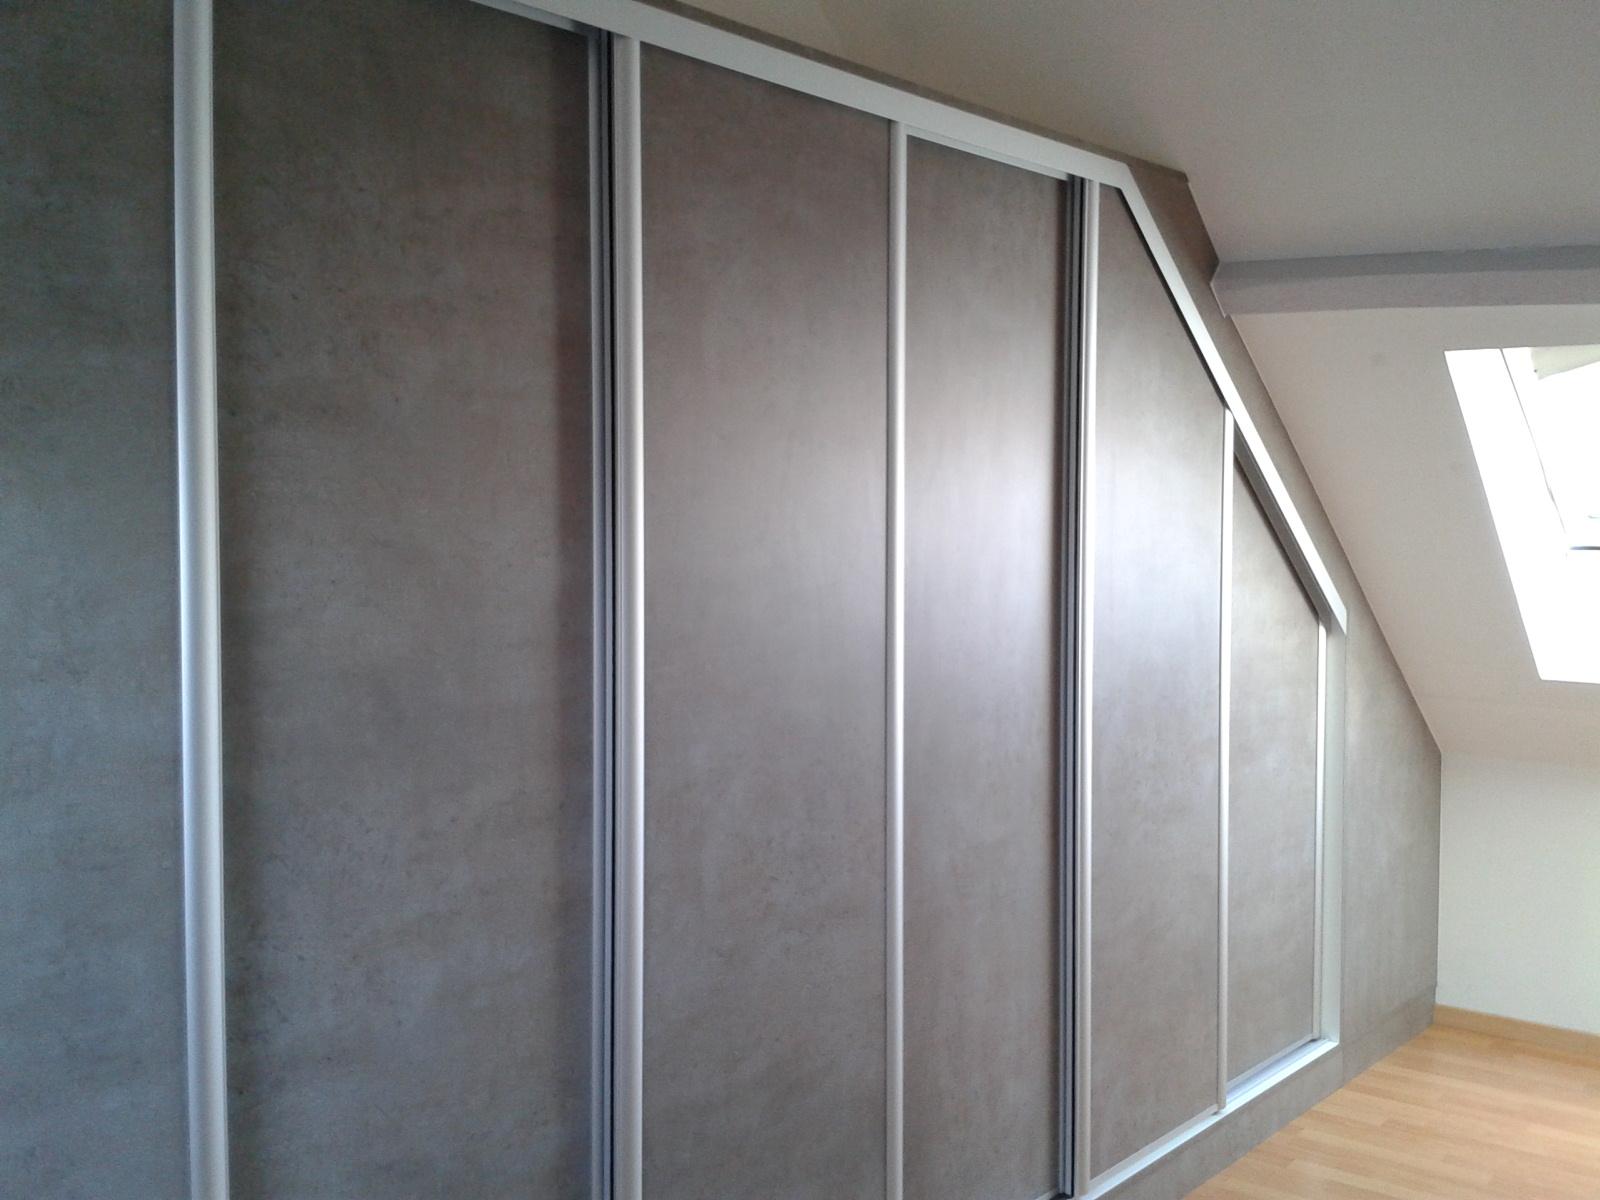 placards portes coulissantes sous pente le kiosque amenagement. Black Bedroom Furniture Sets. Home Design Ideas